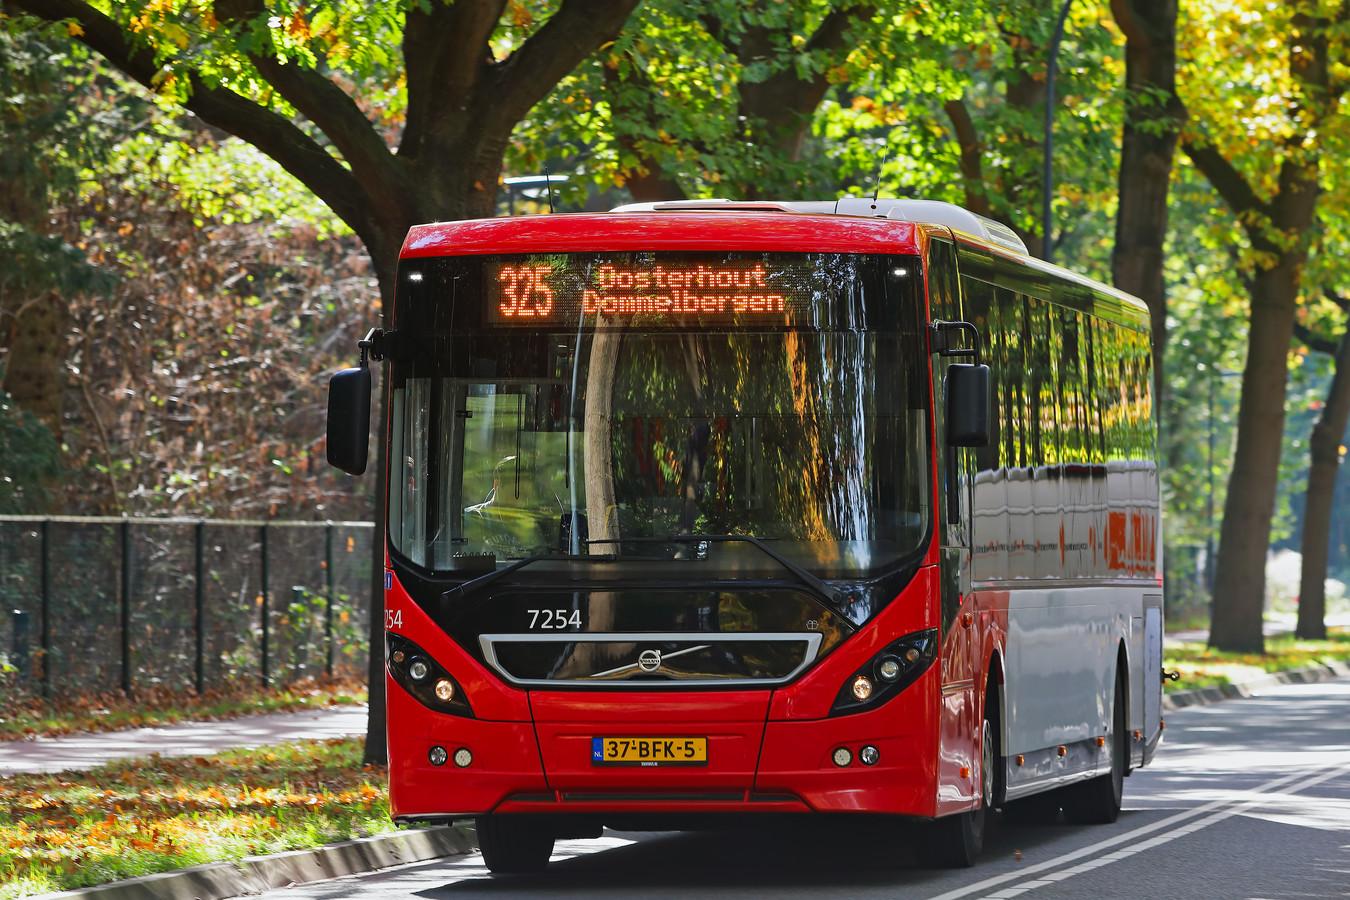 Buslijn 325 rijdt vanaf het Goorke in Vrachelen via Dommelbergen naar Breda. De nieuwe lijn 324 zou een stuk sneller zijn, omdat deze niet via Dommelbergen loopt.